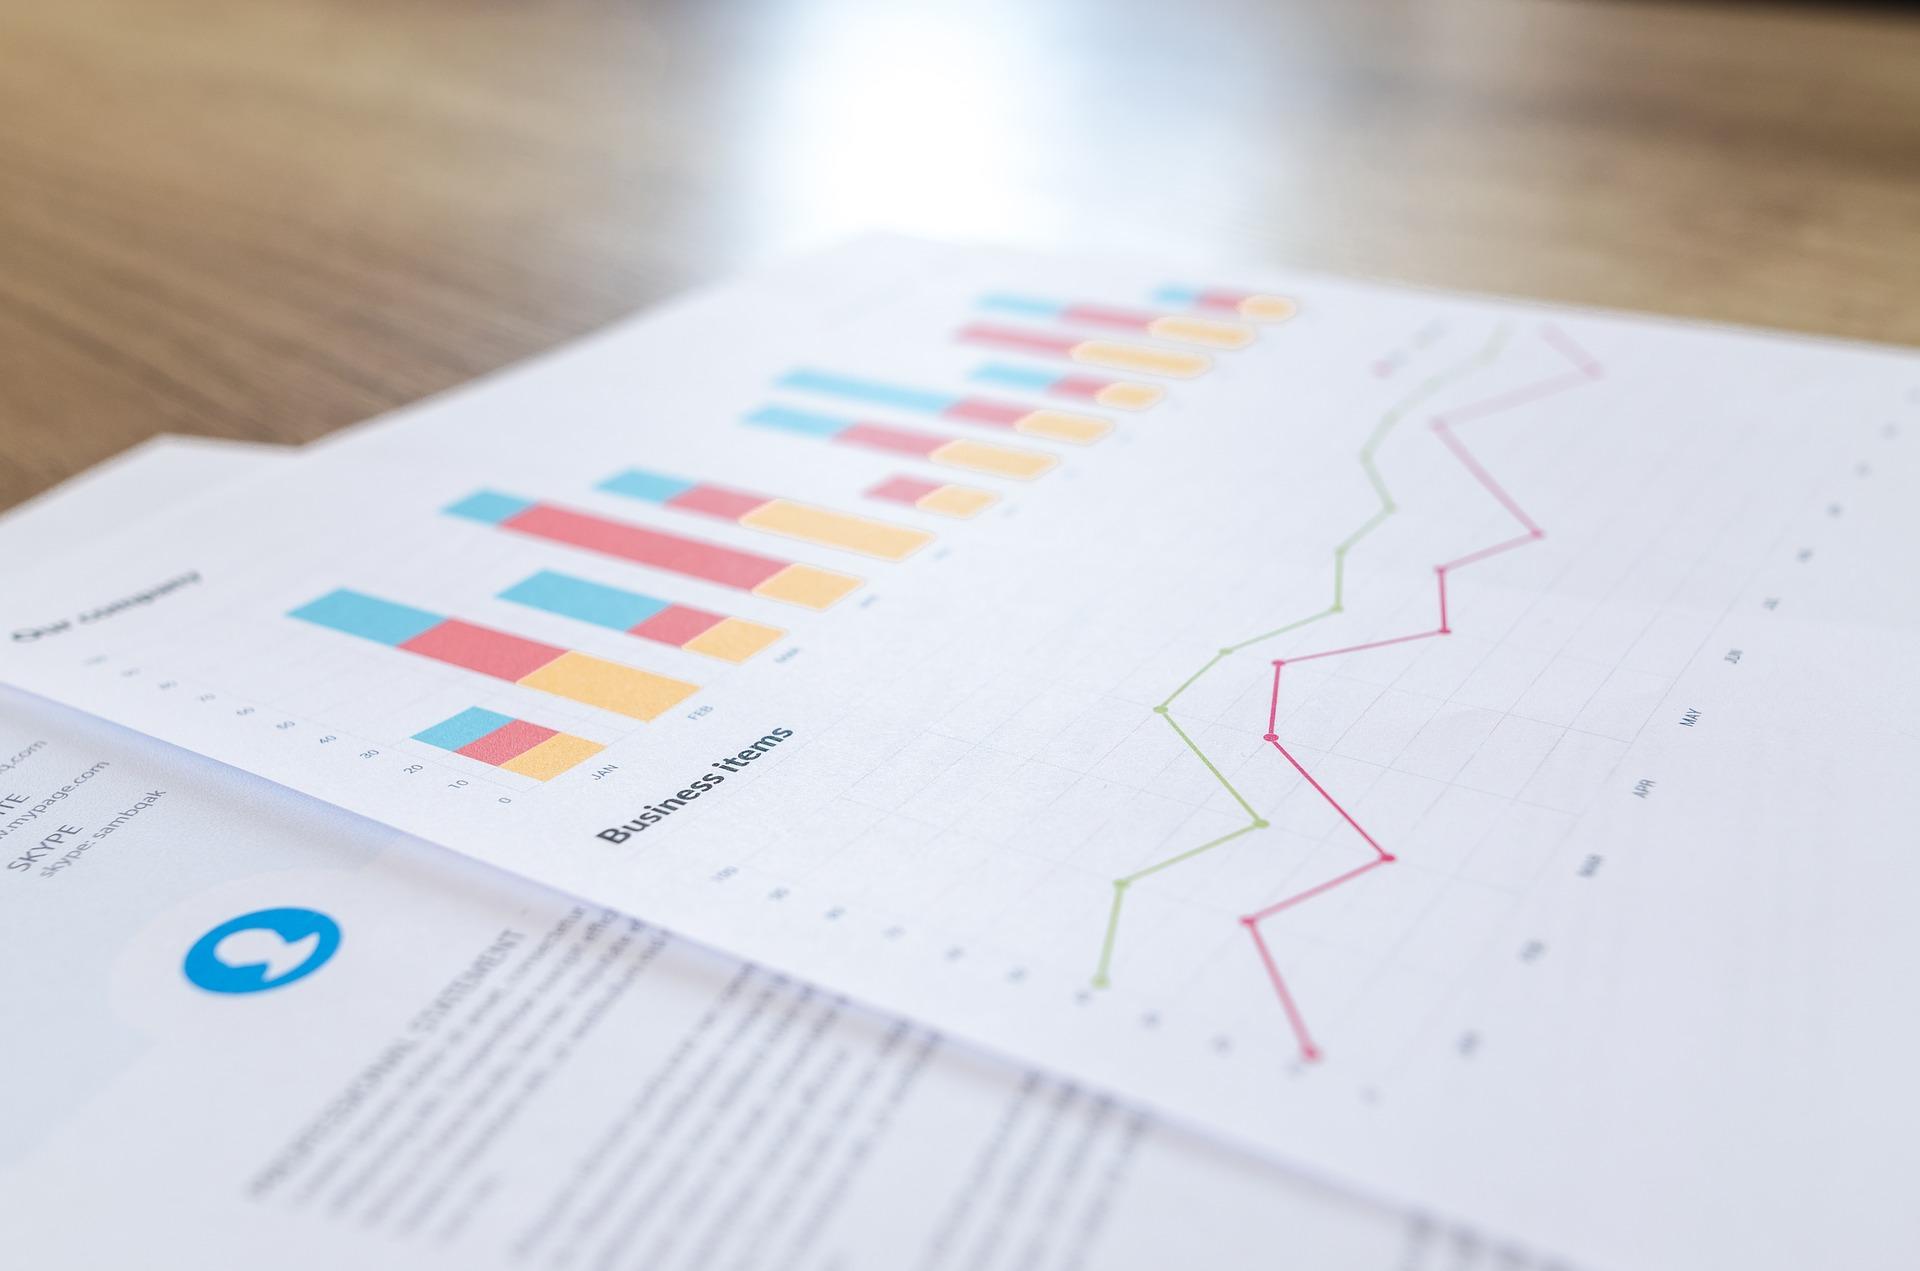 รายงานความพึงพอใจผู้เข้าร่วมโครงการพัฒนาศักยภาพบุคลากรด้านการวิจัย 2562